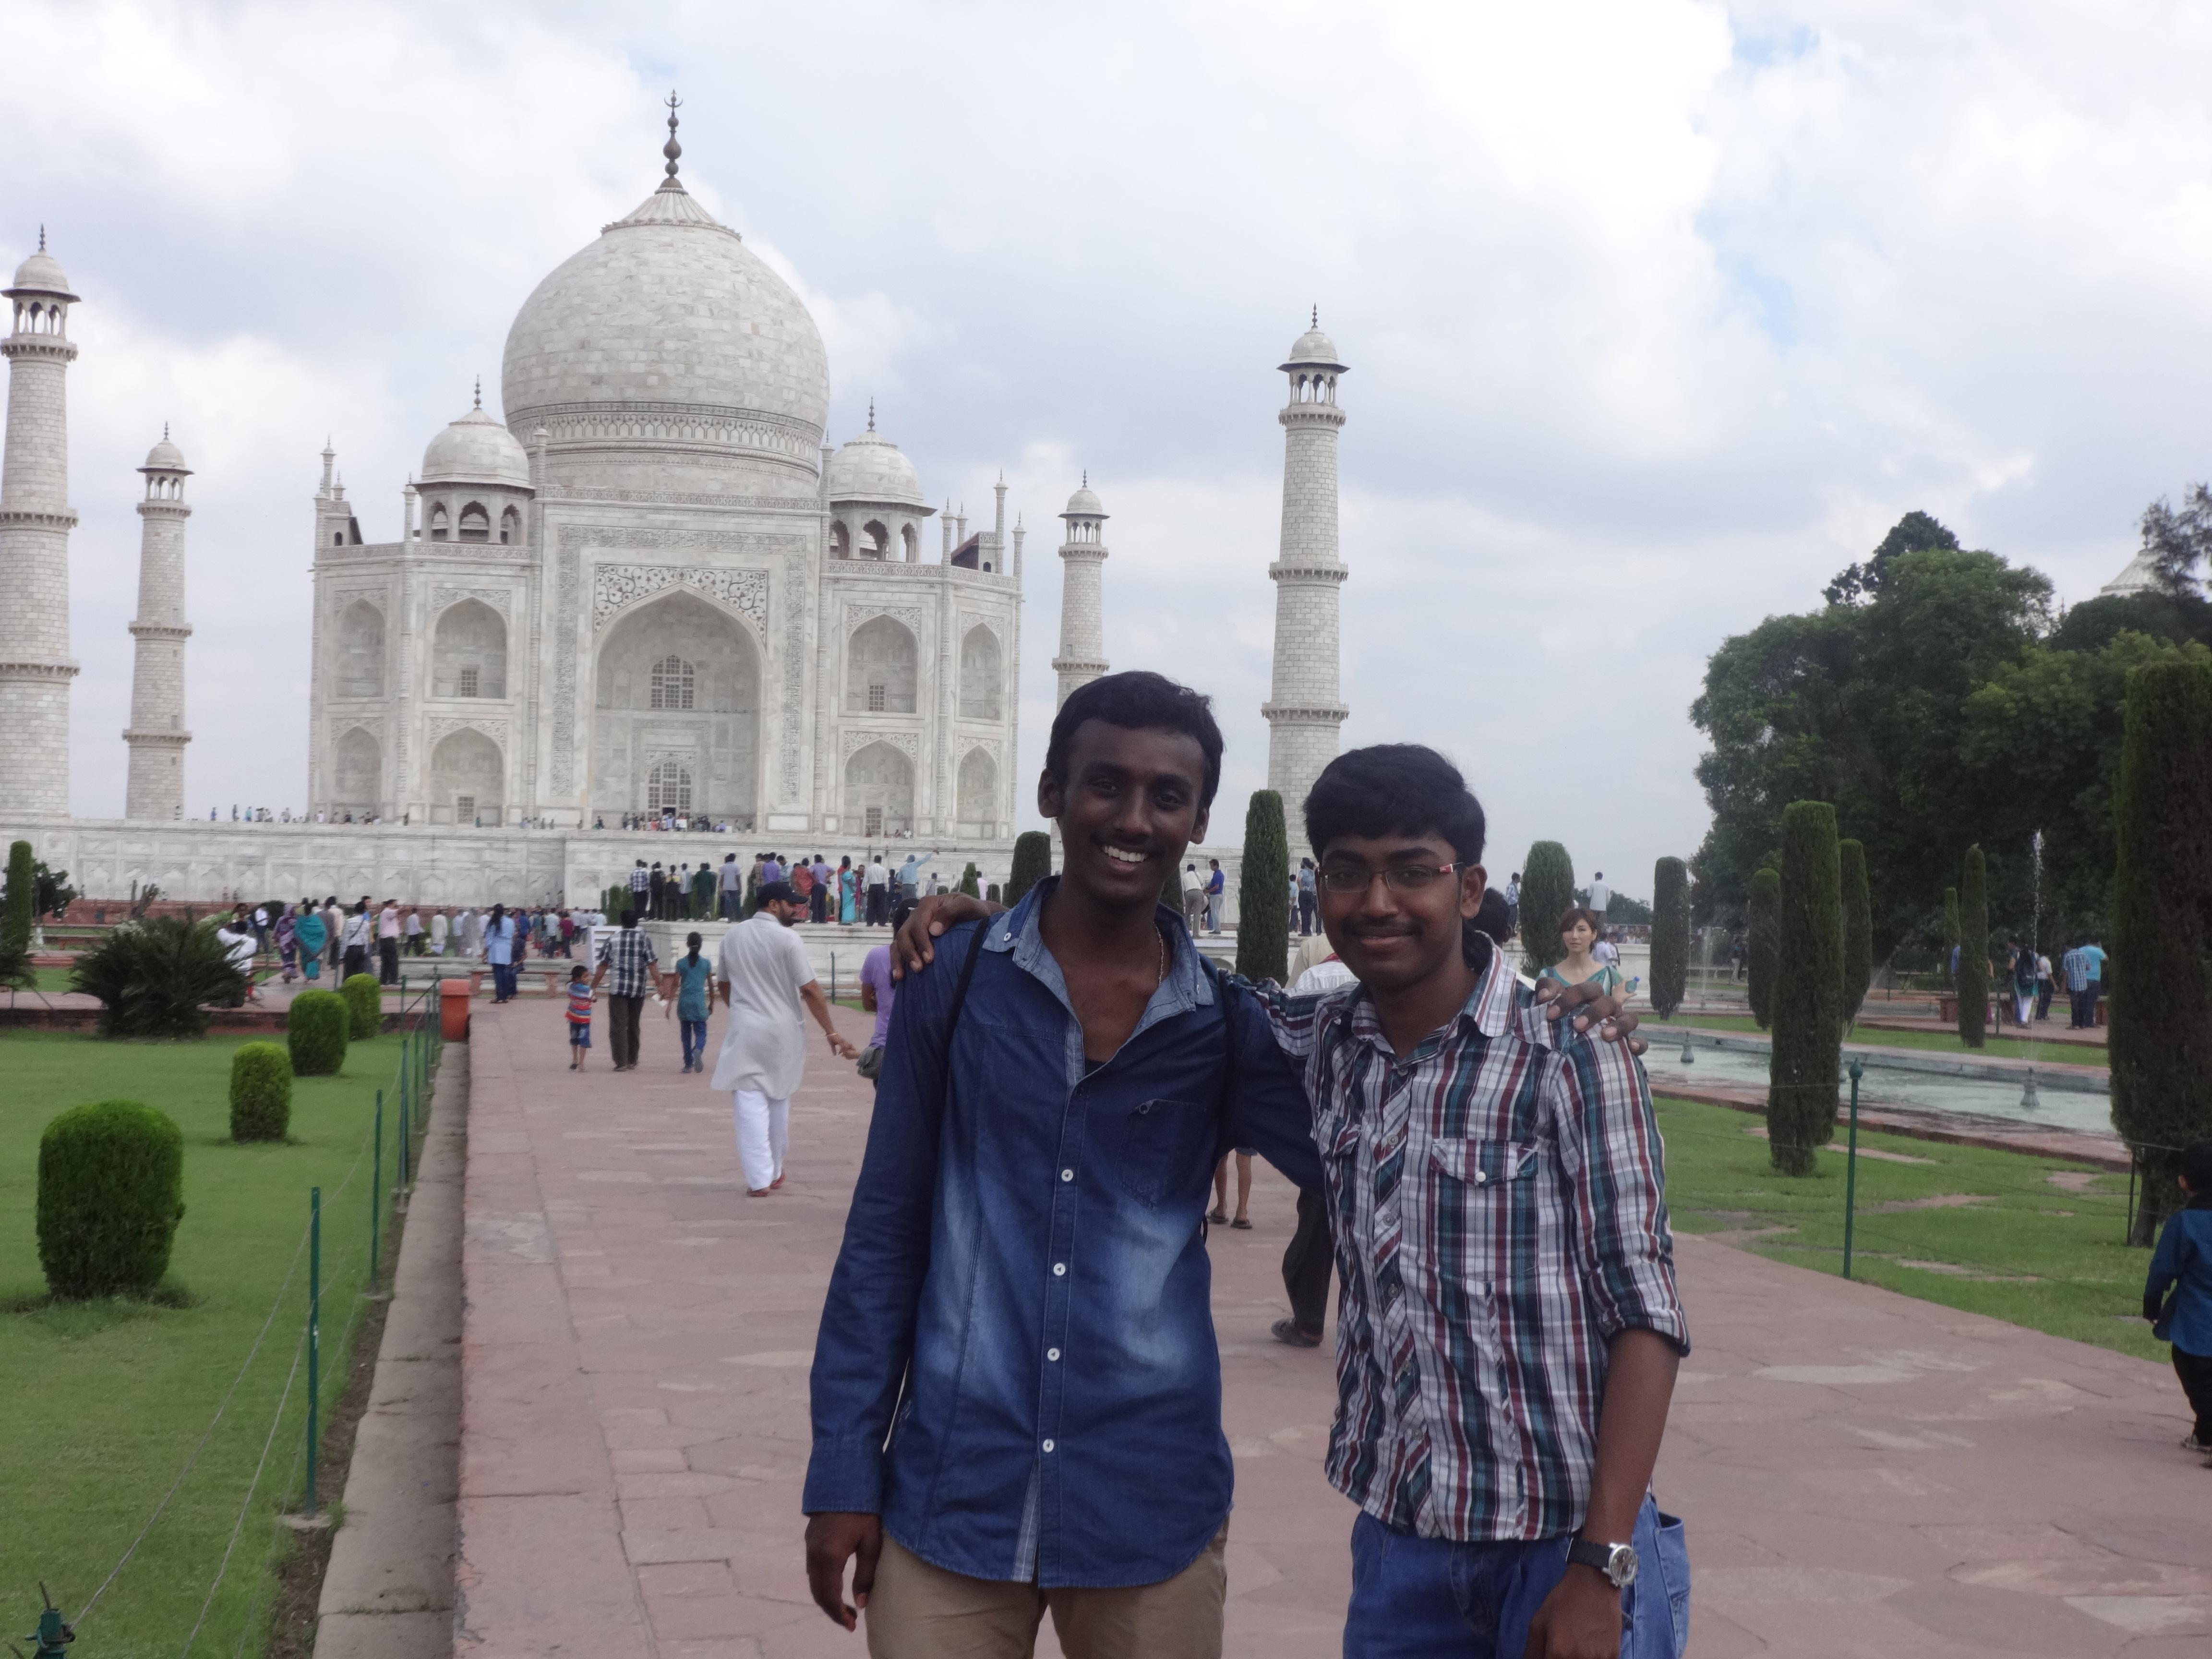 TajMahal Taj Mahal - India Vishal Pallerla